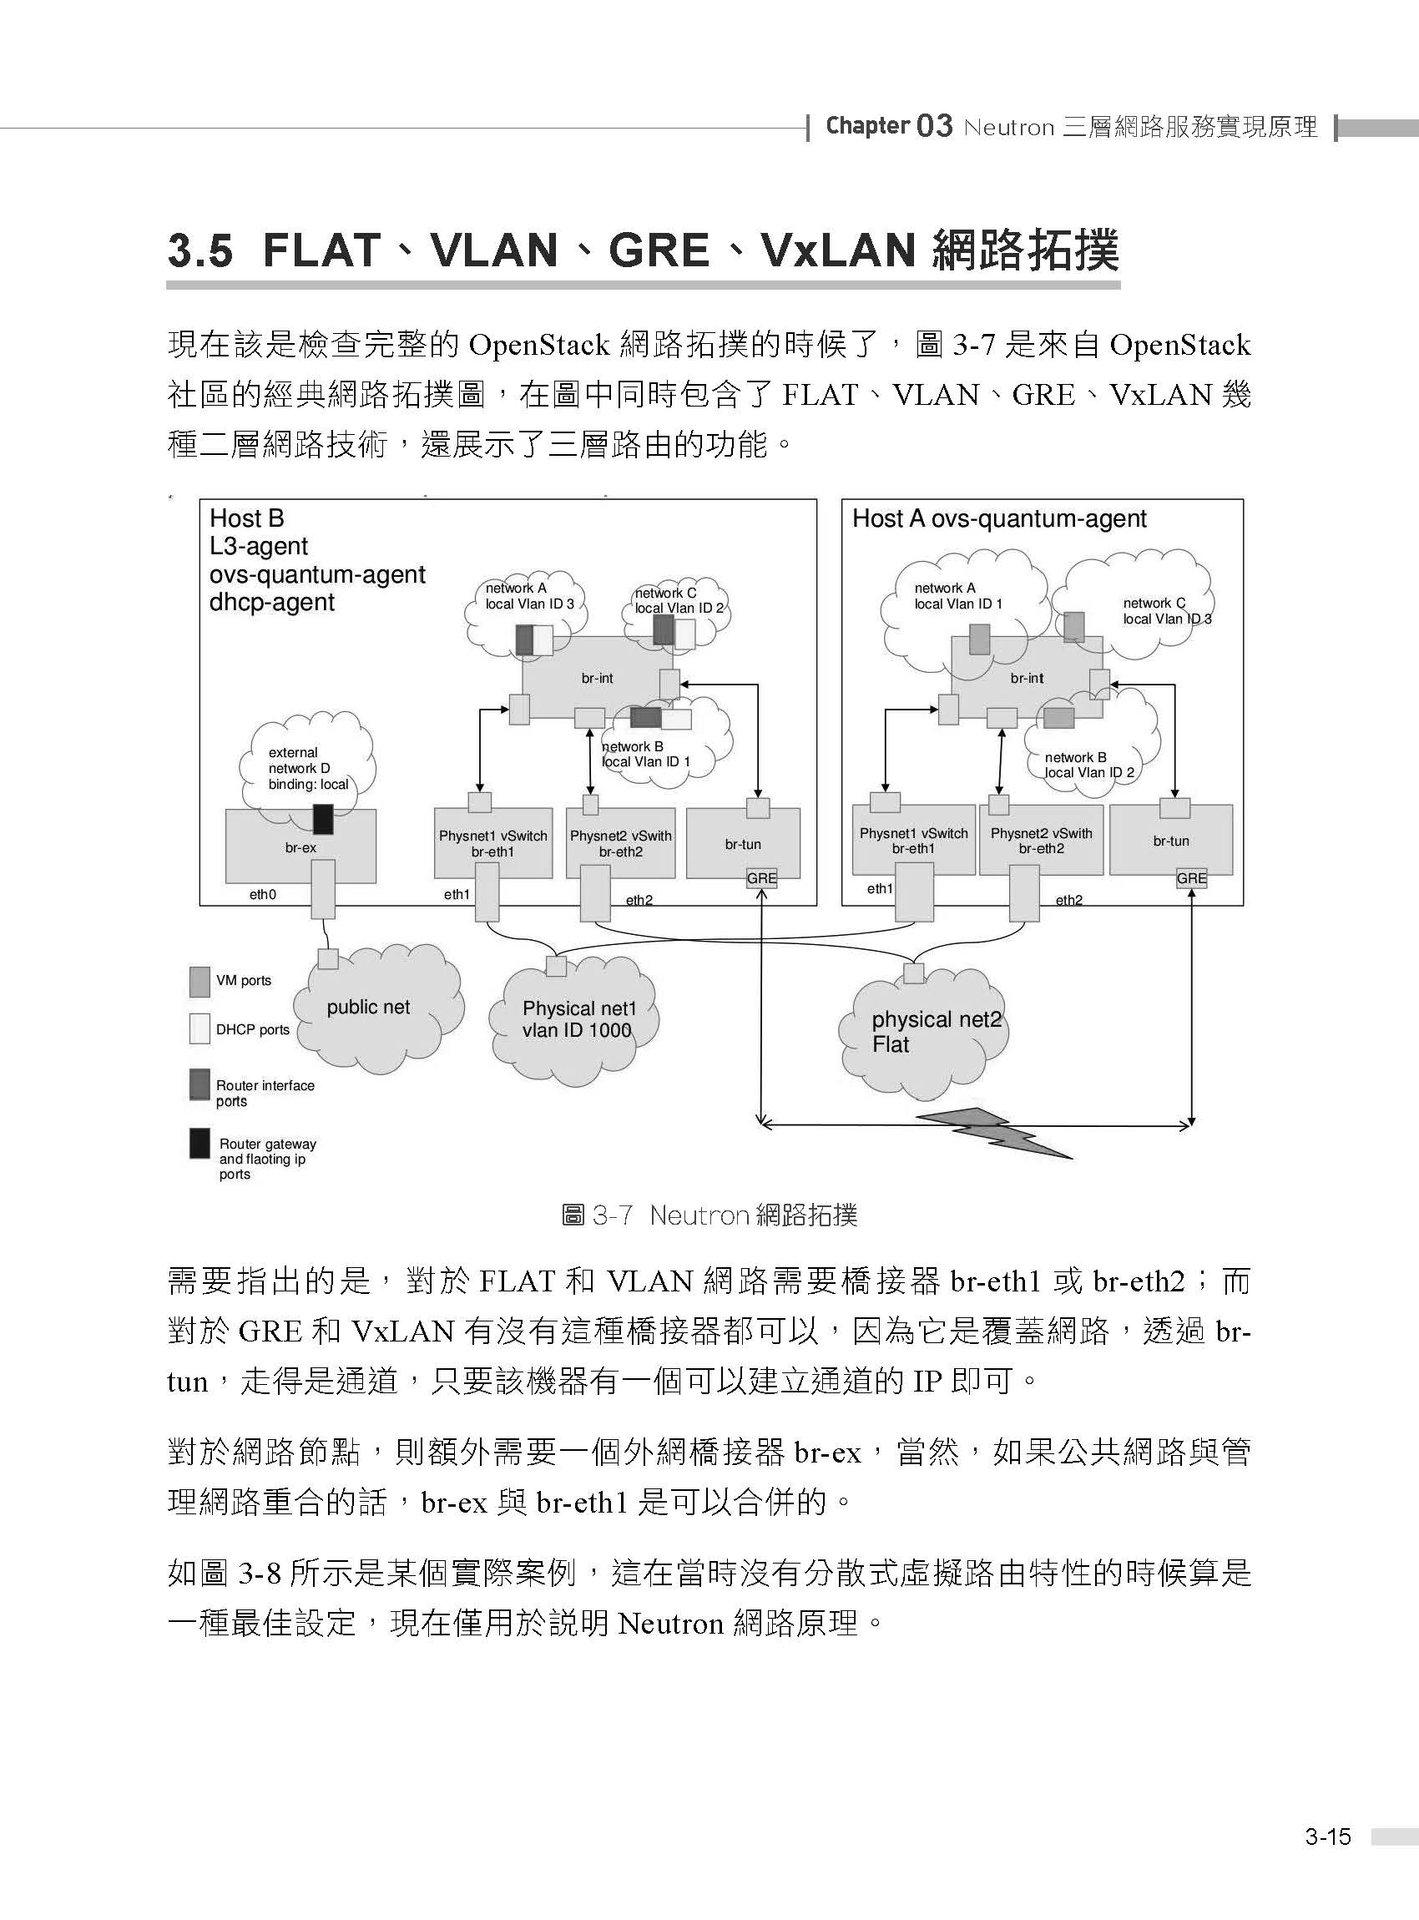 暢遊雲端網路世界:OpenStack Neutron 技術內幕-preview-5